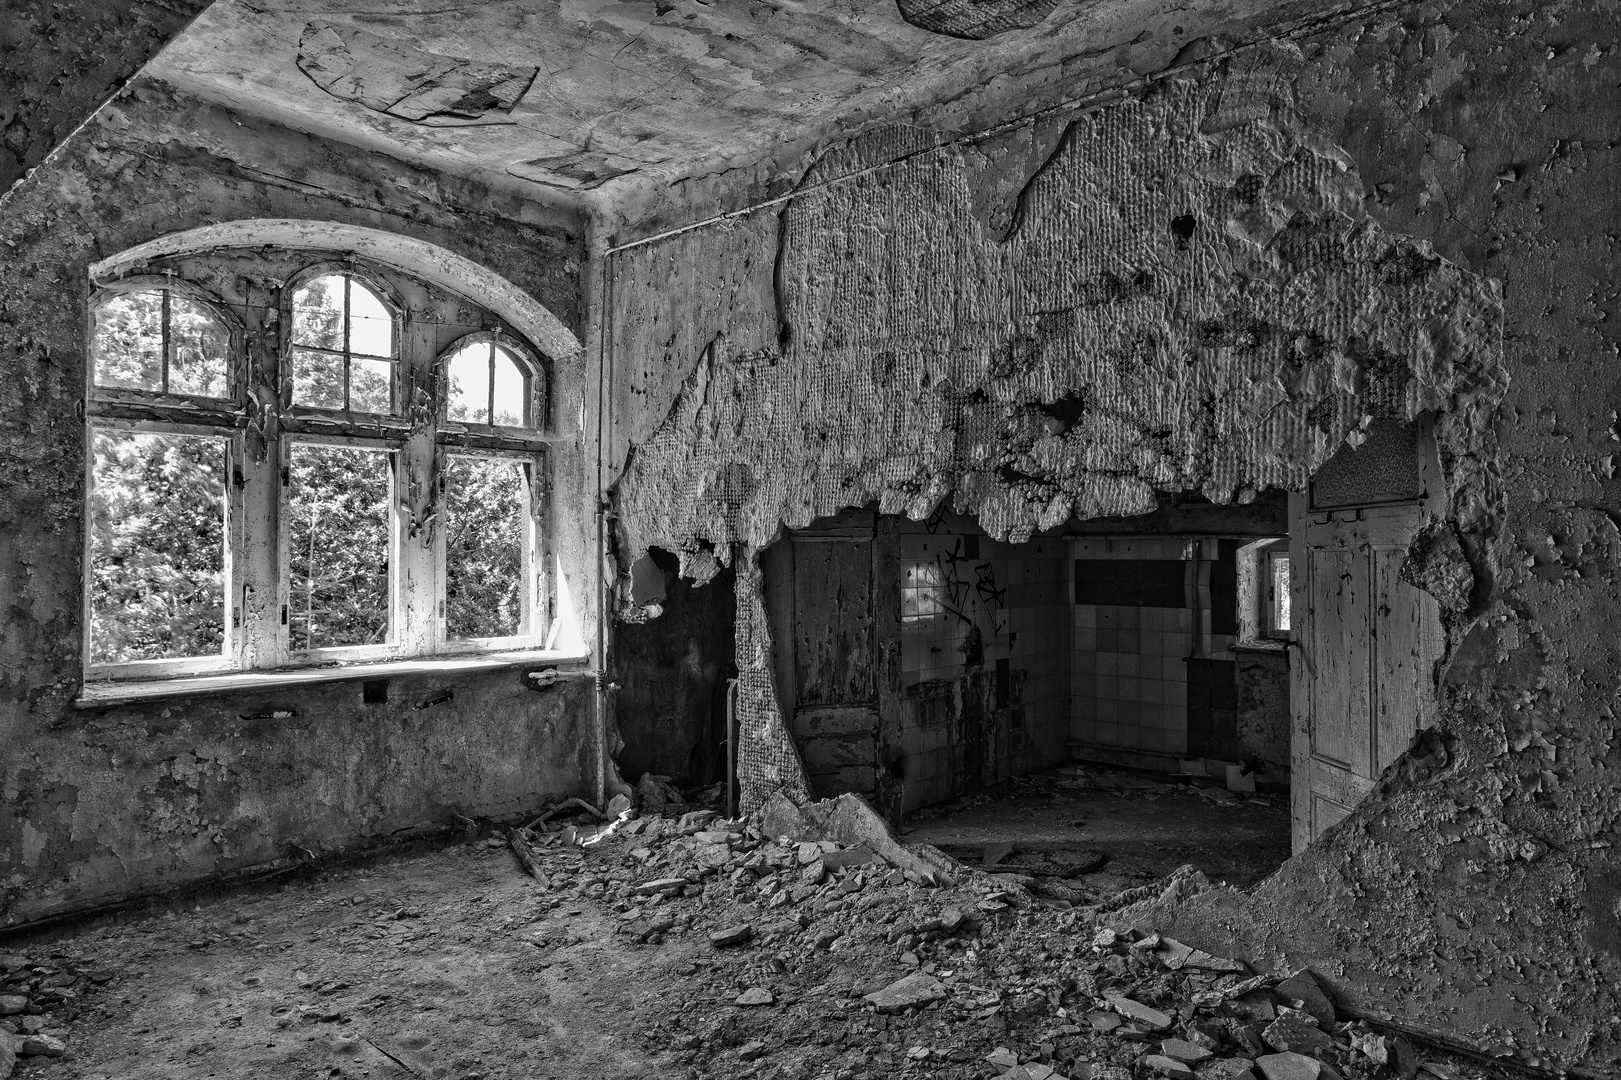 Beelitz Heilstätten - Frauensanatorium (64)